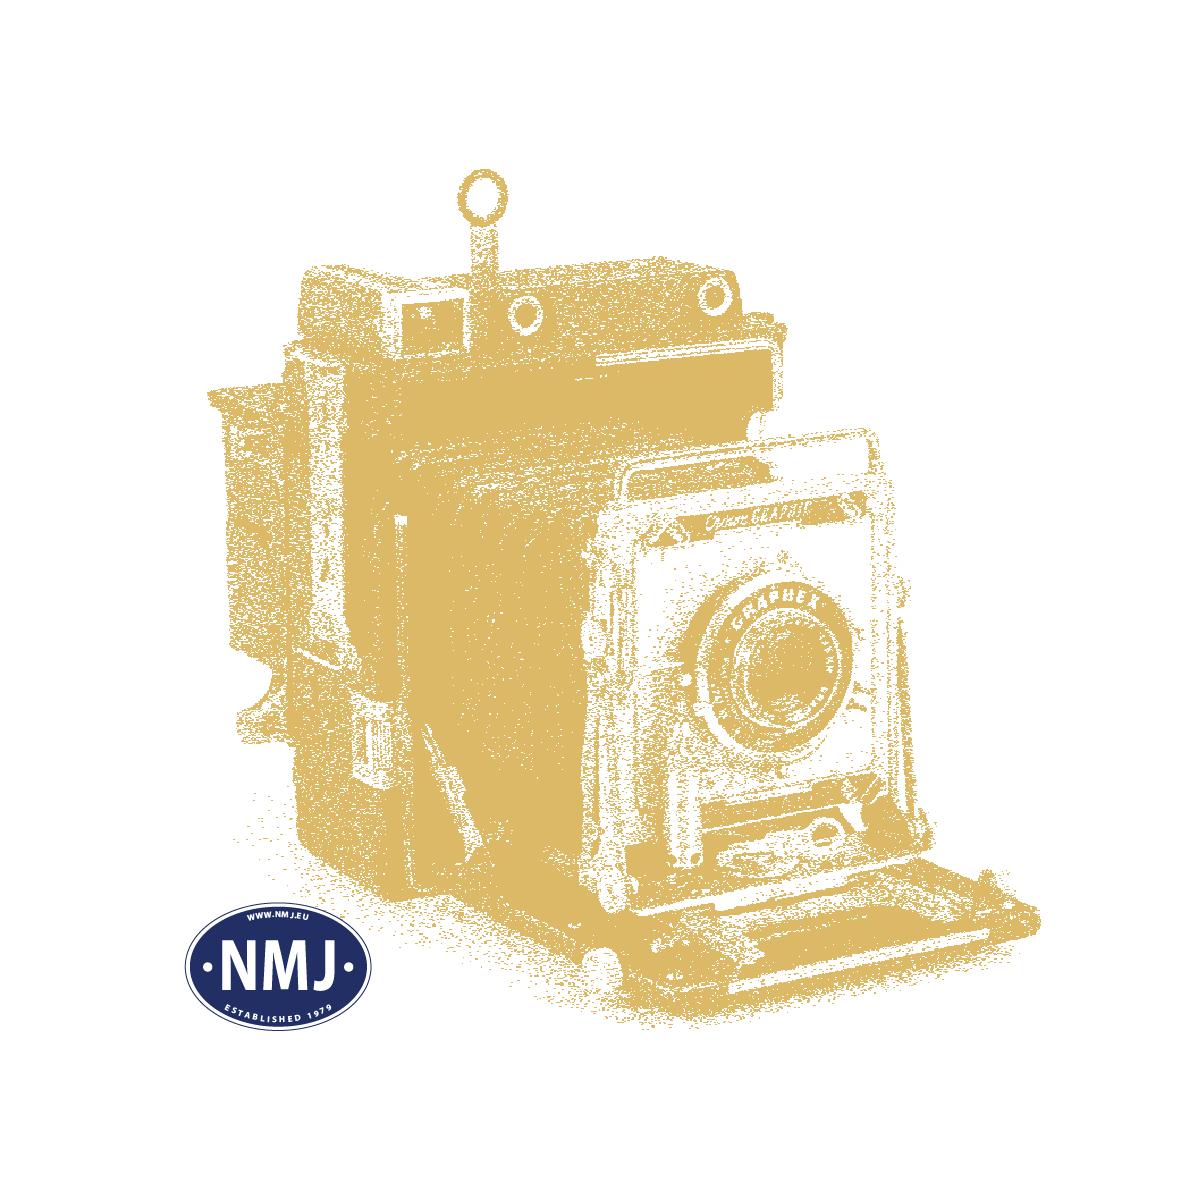 NMJT502.106 - NMJ Topline NSB Stakevogn Kbps 21 76 335 3 185-0